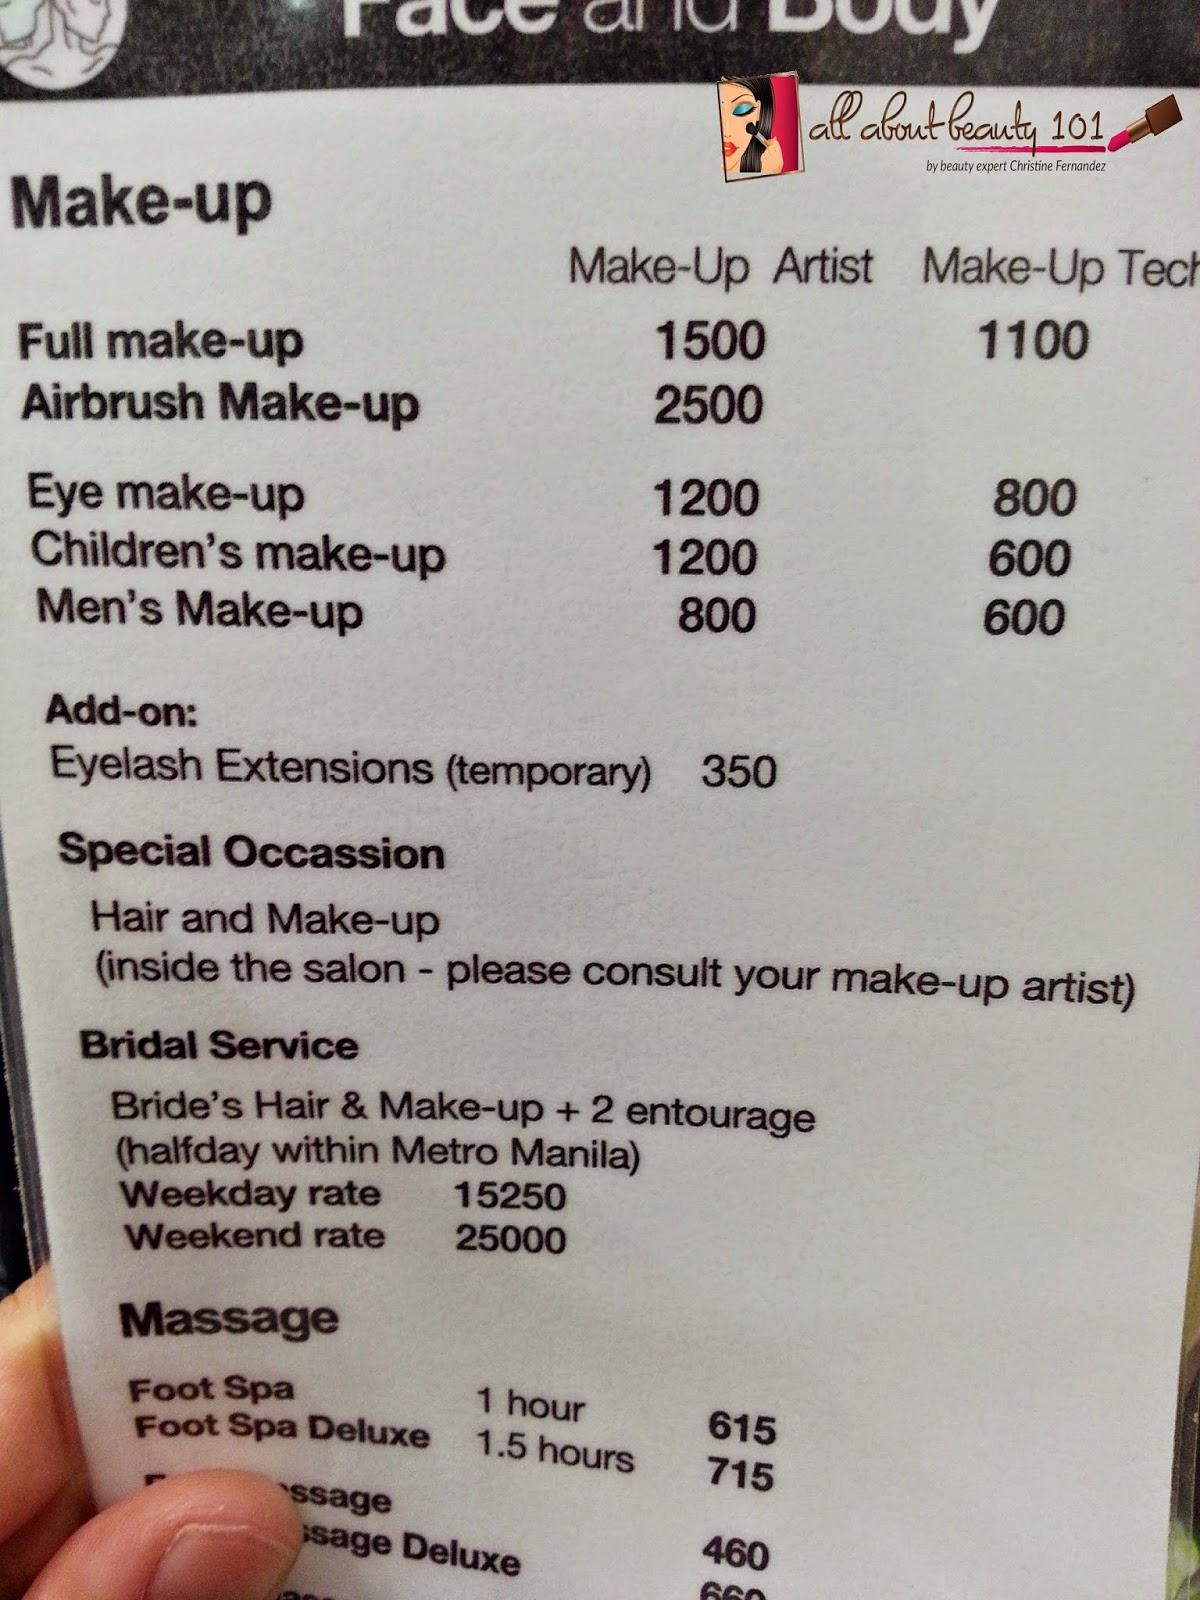 David Salon Hair And Makeup 2019 Mugeek Vidalondon